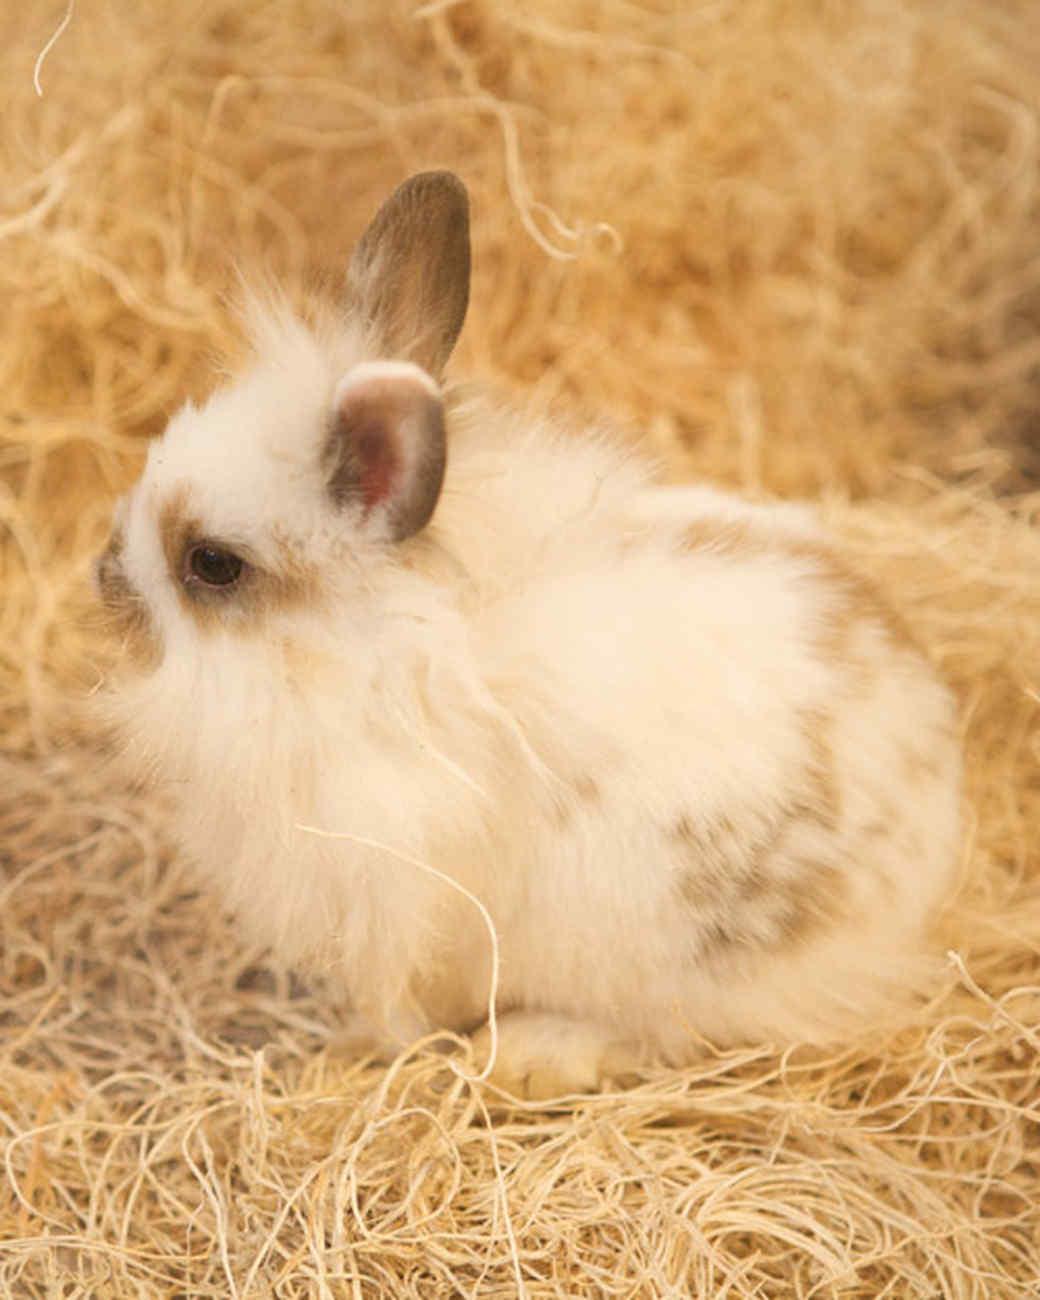 m4126_bunnies35.jpg